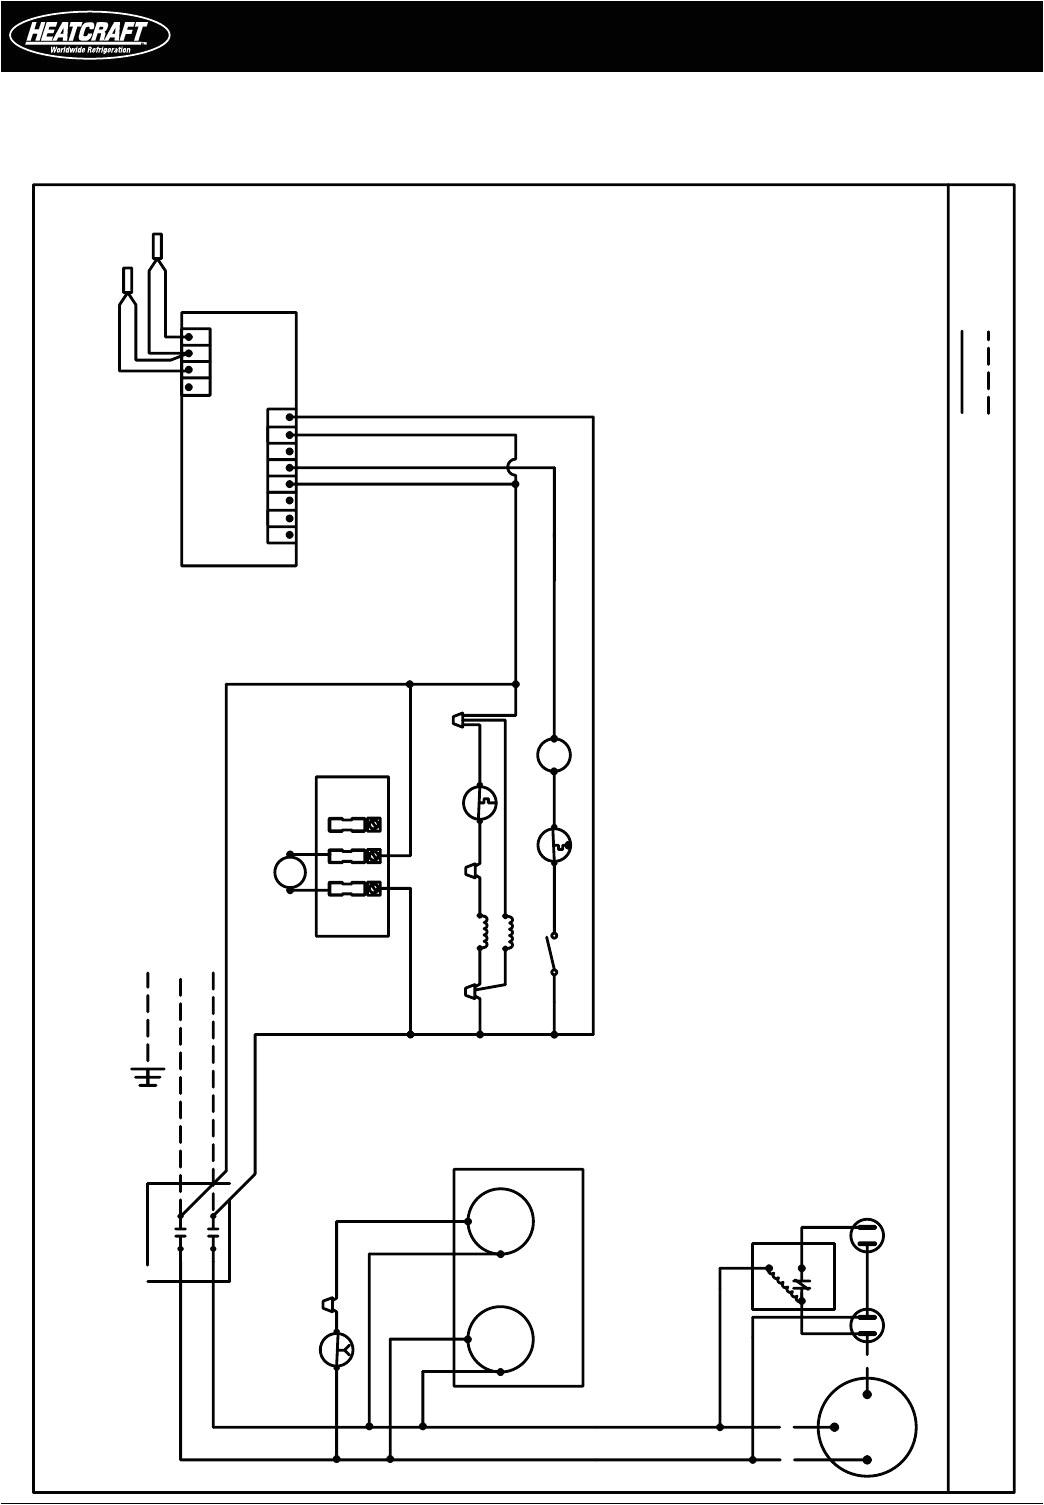 heatcraft walk in cooler wiring diagram download